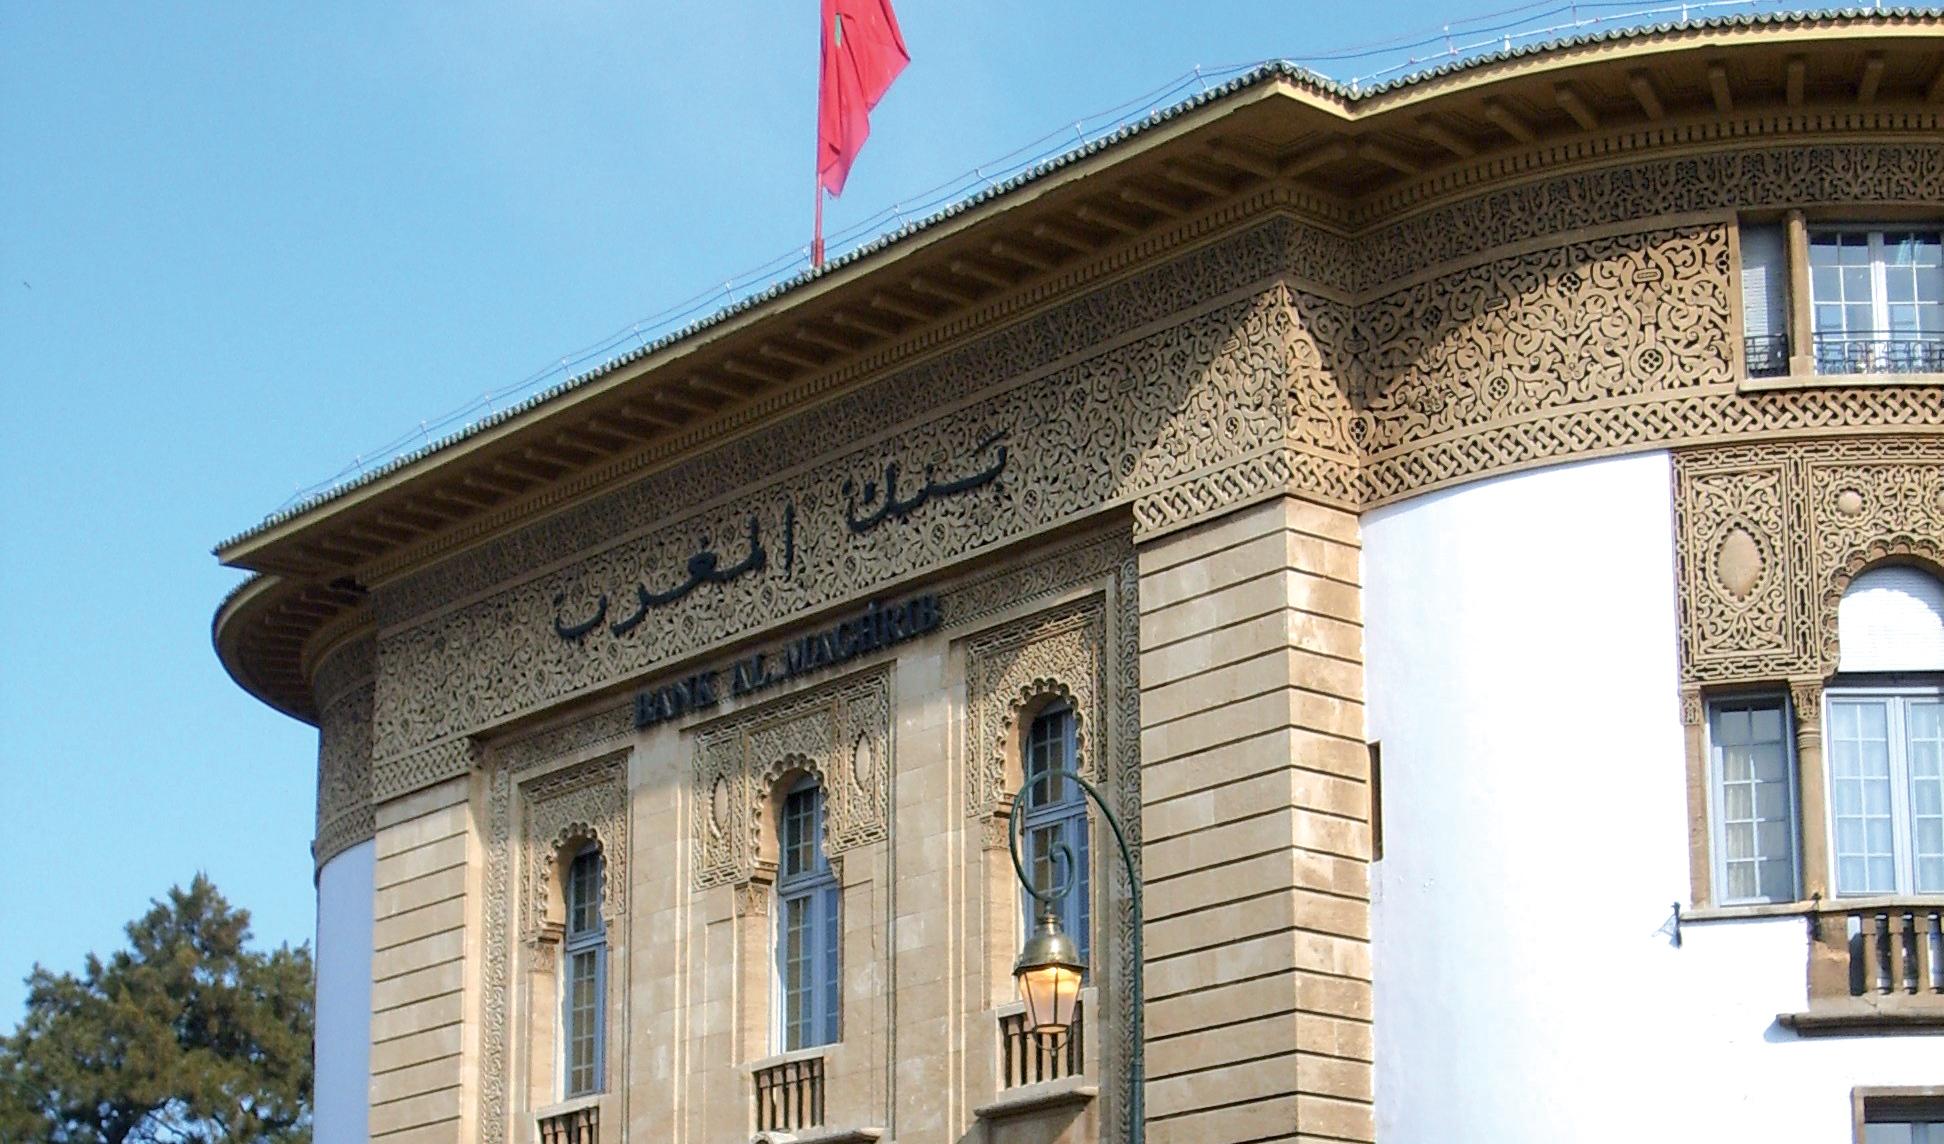 Education financière : Le volontarisme payant  de Bank Al-Maghrib